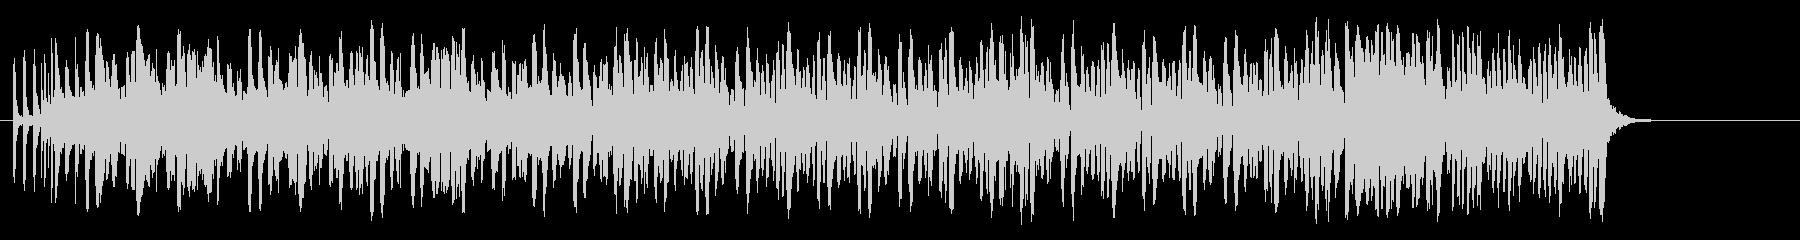 陽気なリゾート風レゲエ/ポップの未再生の波形